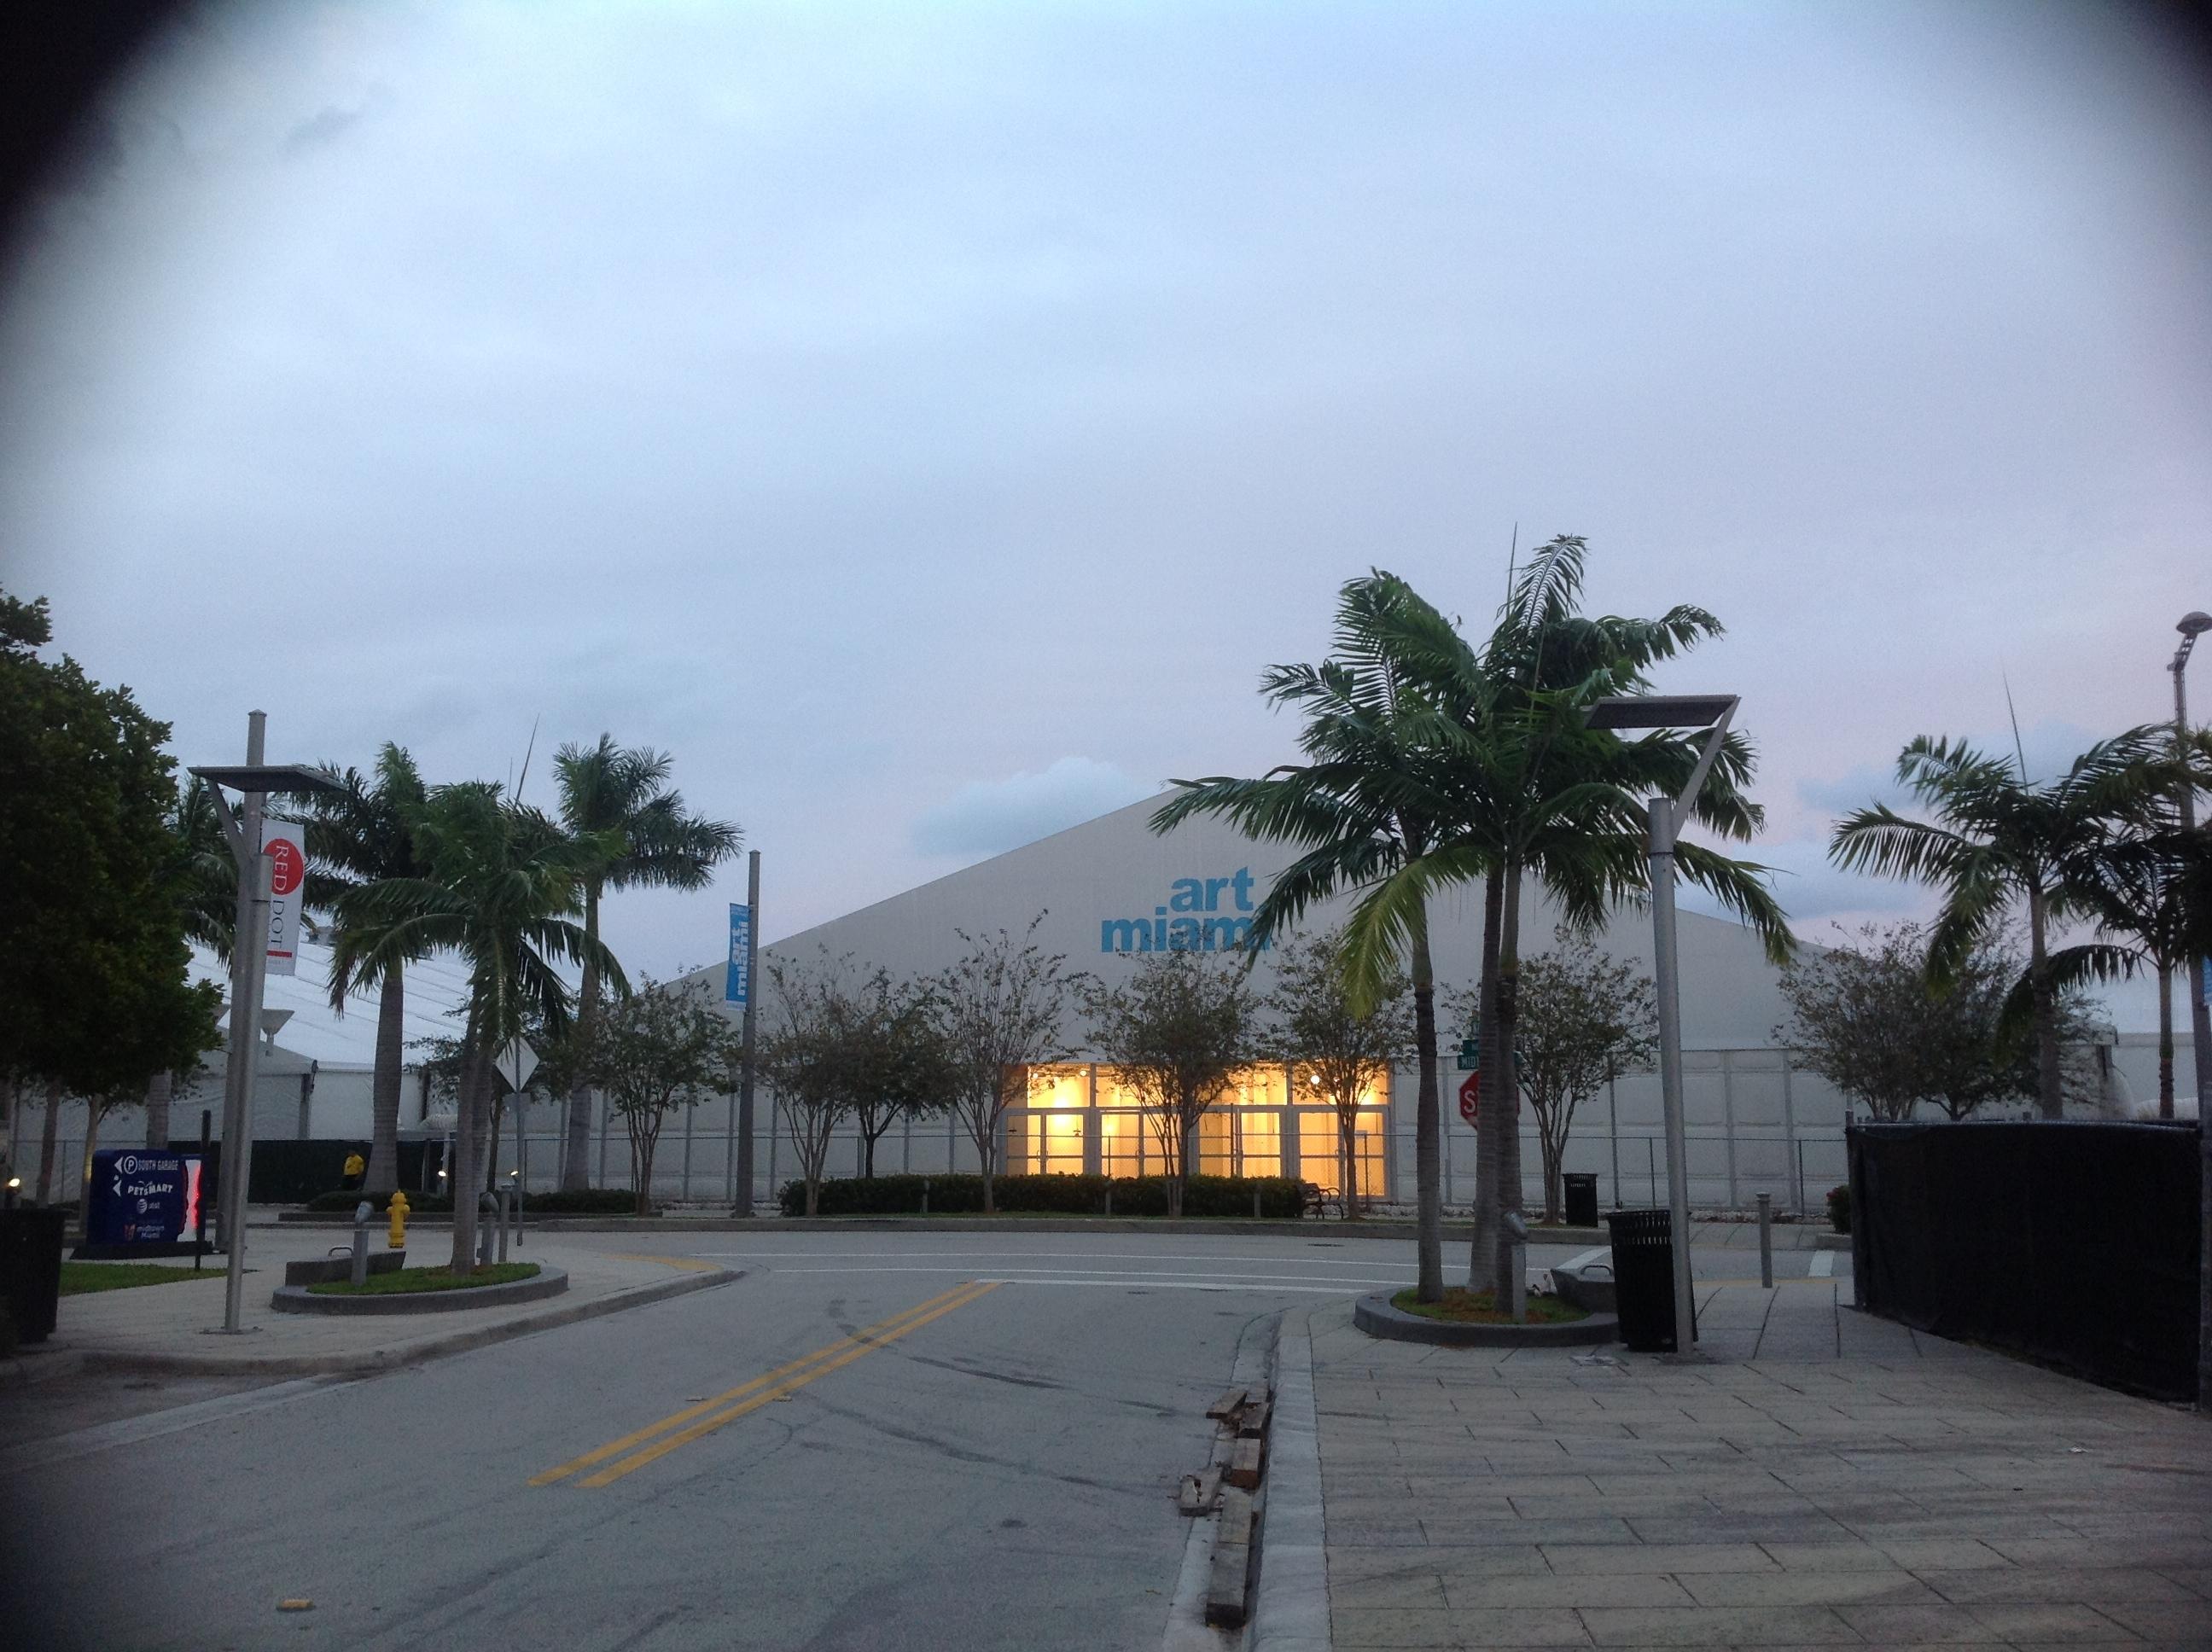 Art Miami tent & Design Miami | Miami feels like home...